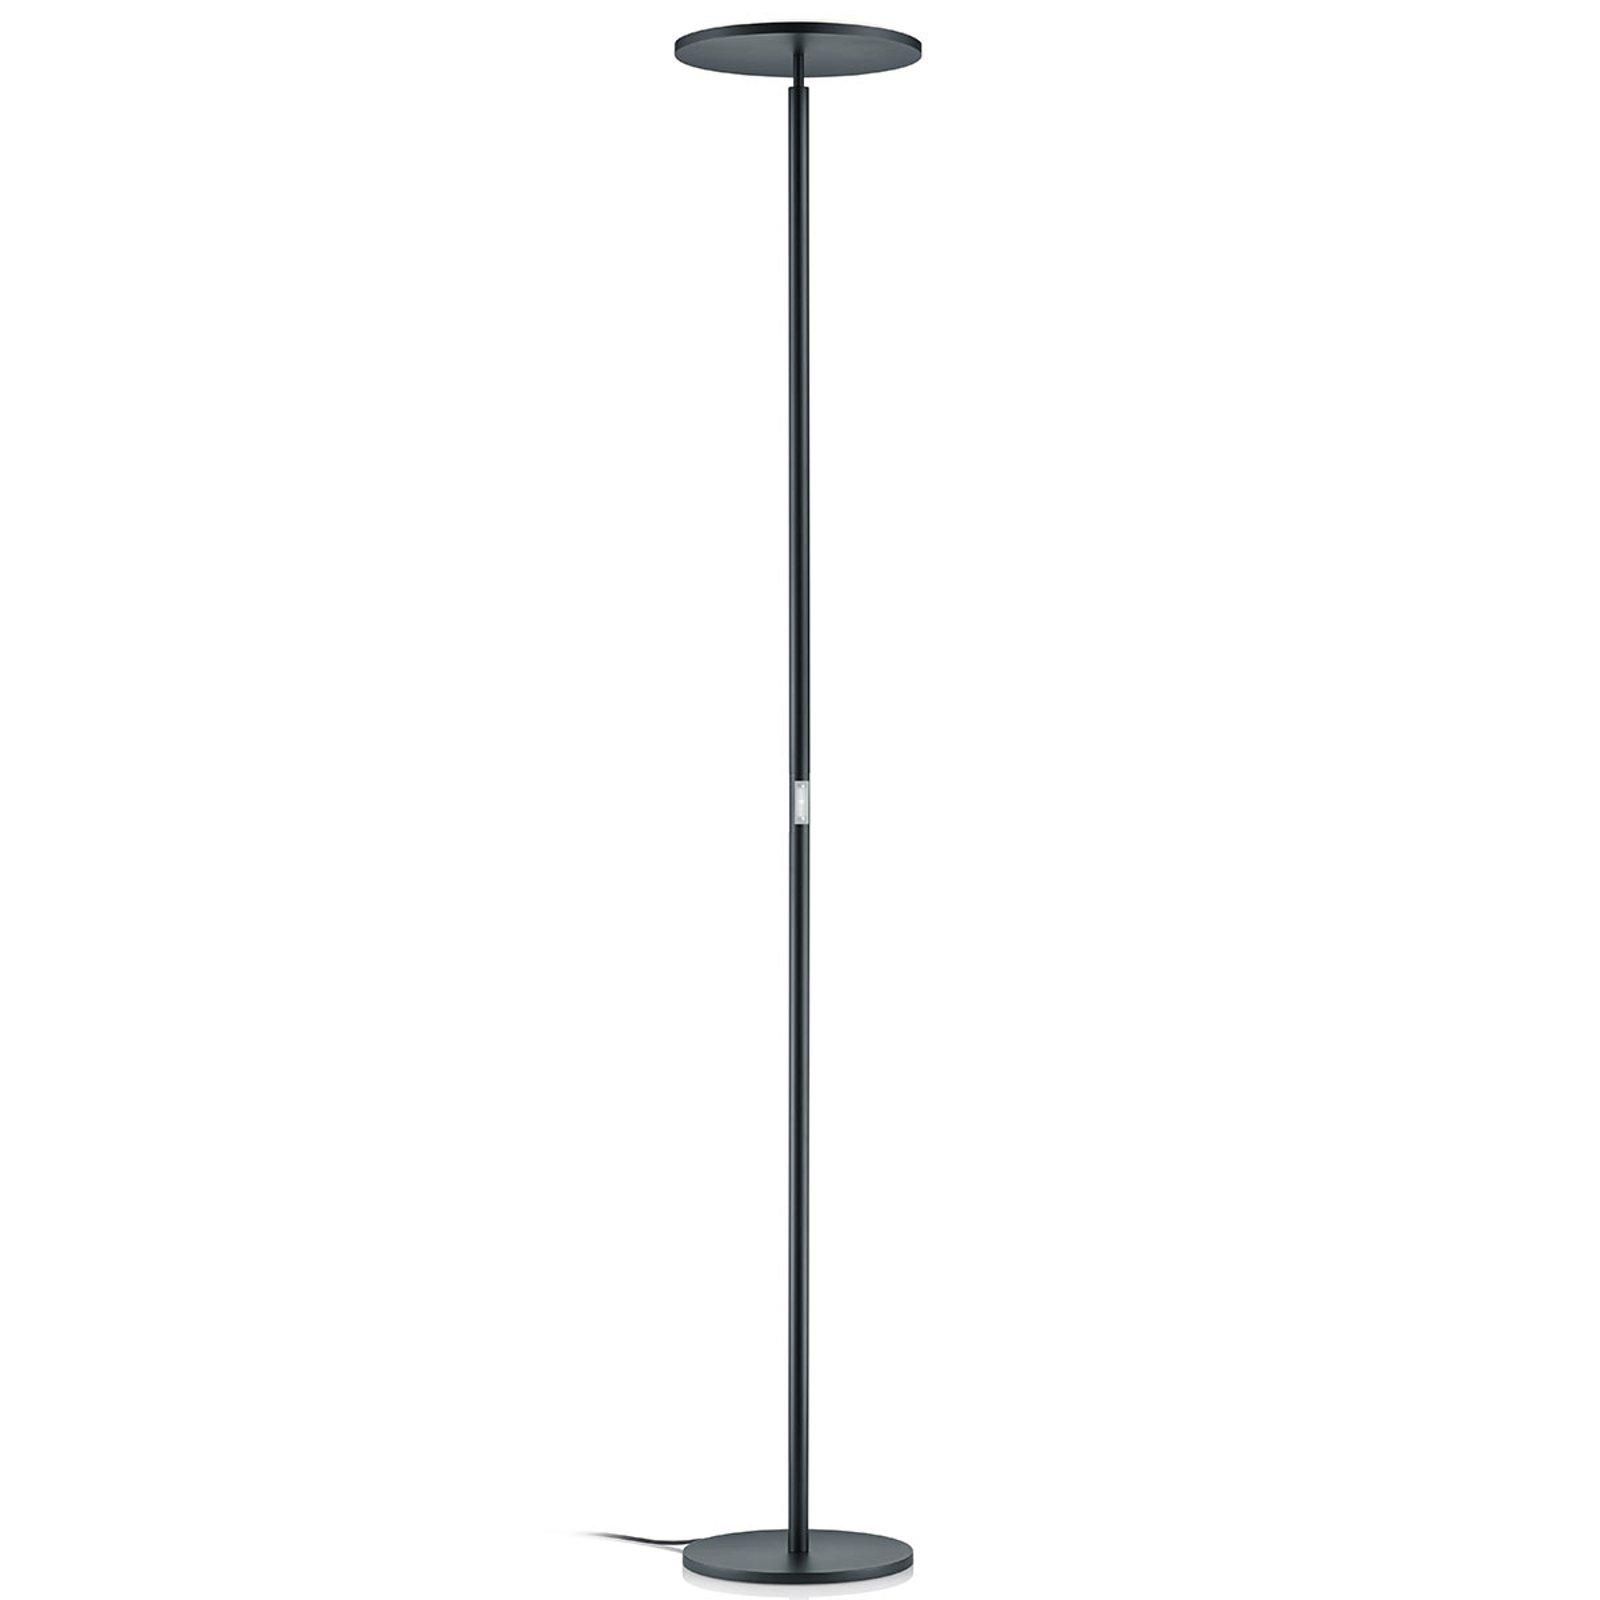 LED-uplight Apollon med bevegelsesstyring